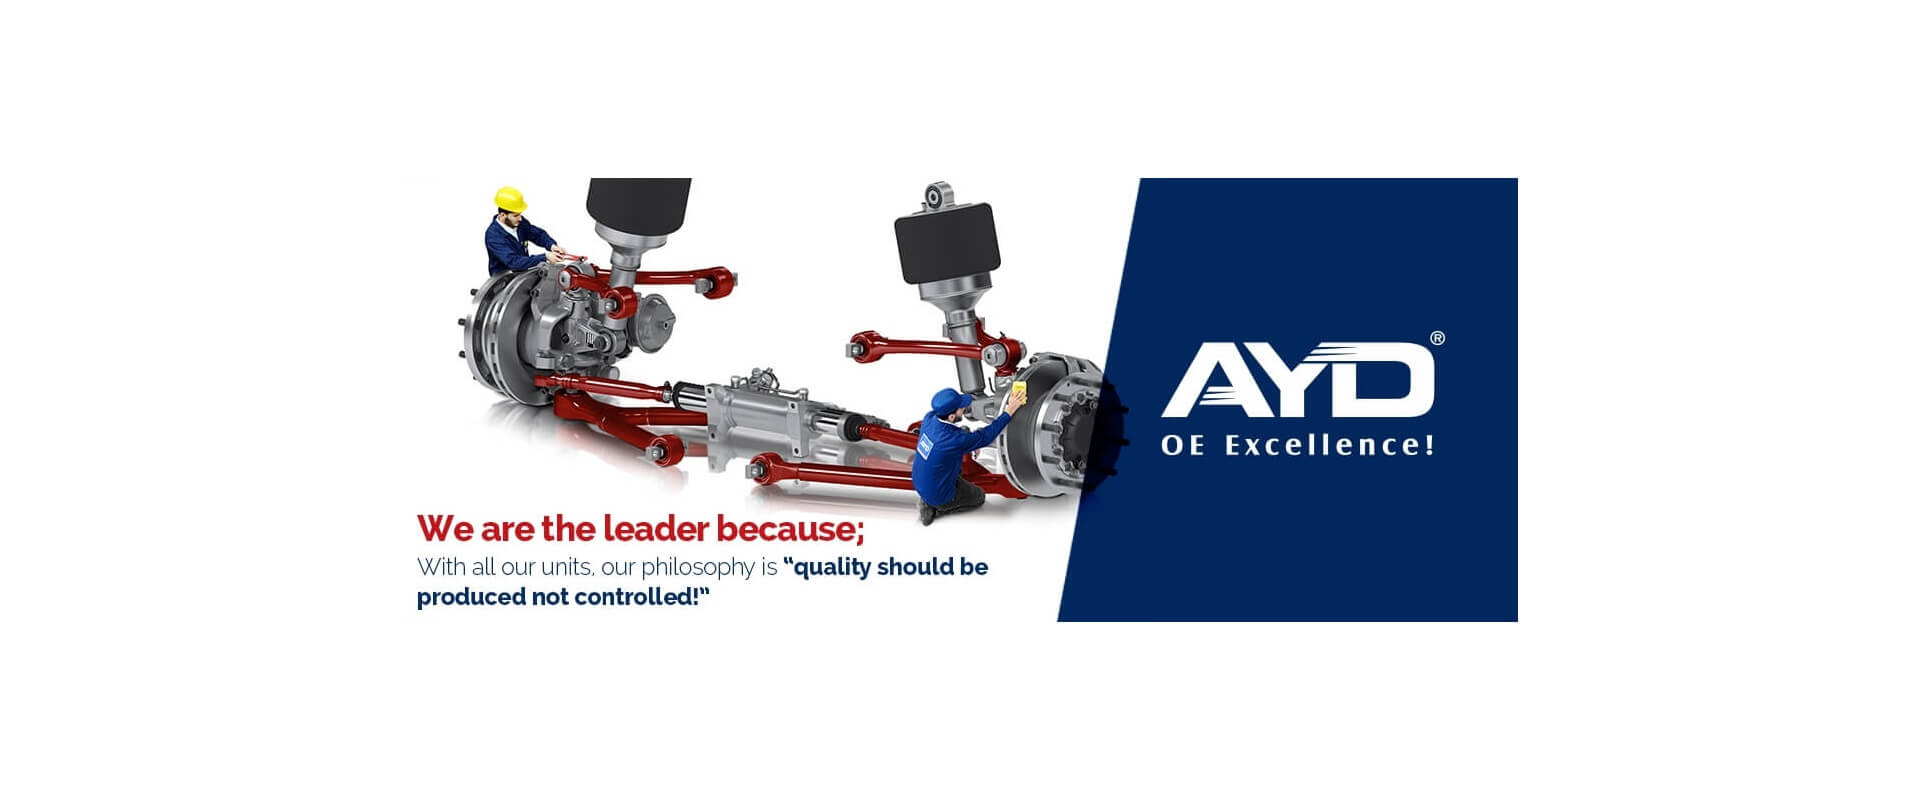 AYD-1920X800-V